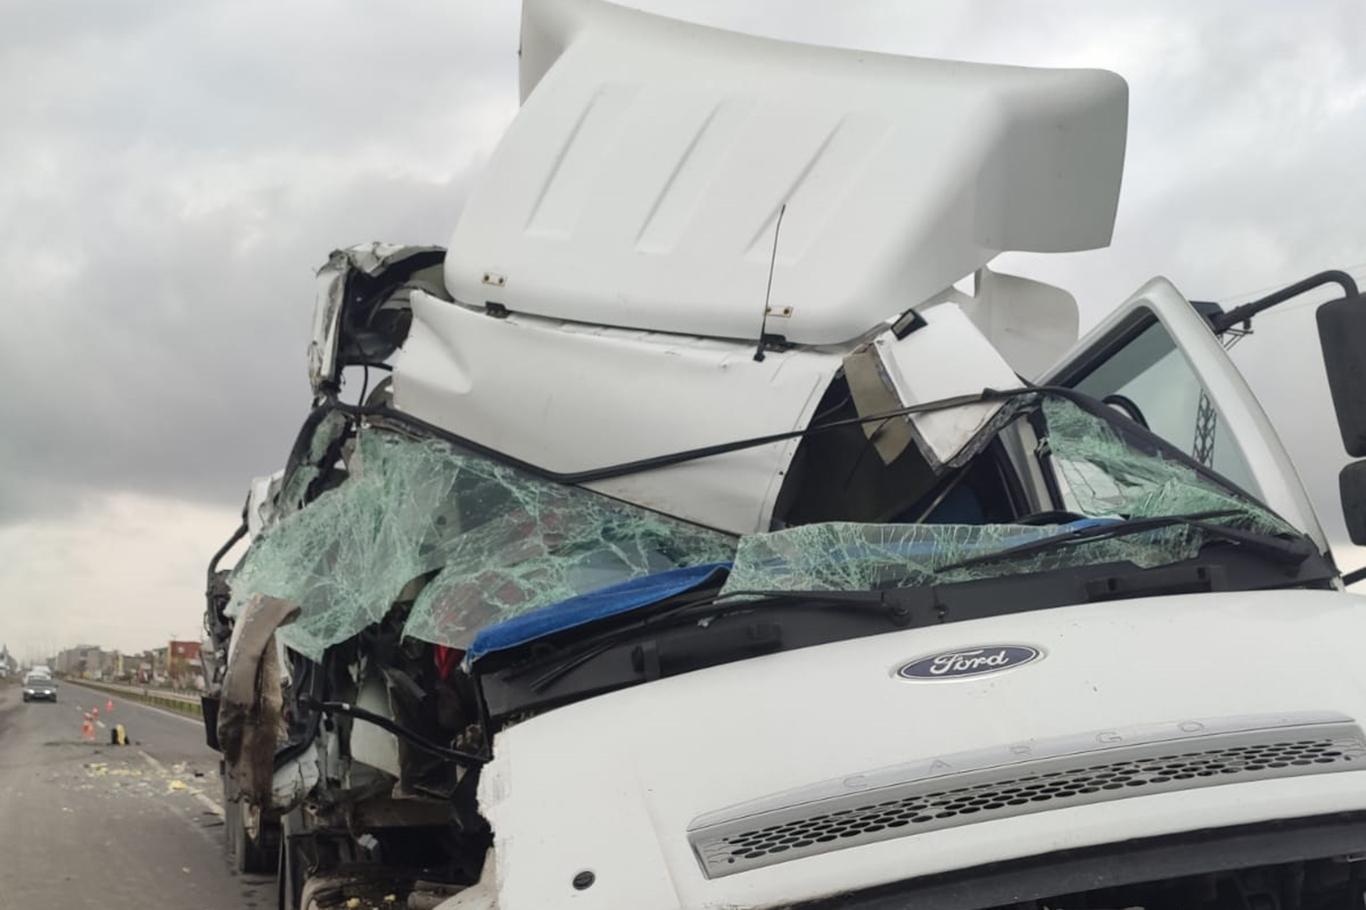 İpekyolu'nda trafik kazası: 1 yaralı